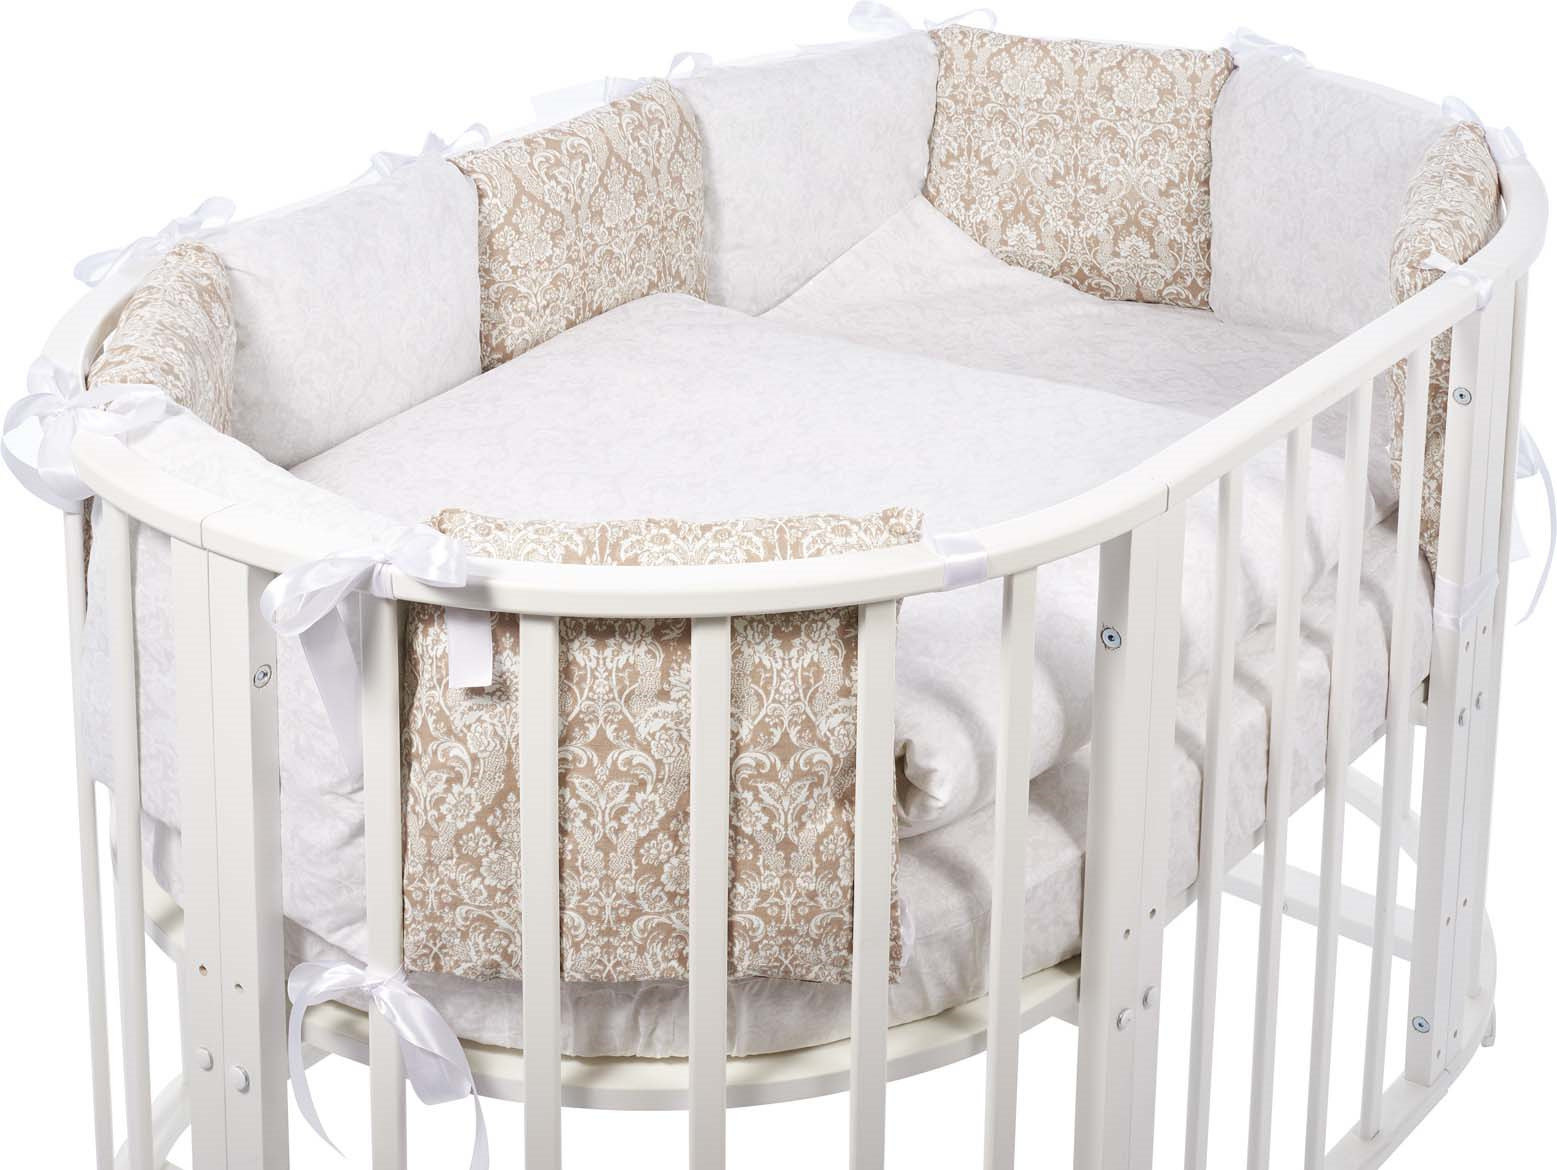 Комплект в овальную кроватку Sweet Baby Aria, 419058, темно-бежевый, белый, 5 предметов комплекты в кроватку makkaroni kids sweet baby 125x65 6 предметов